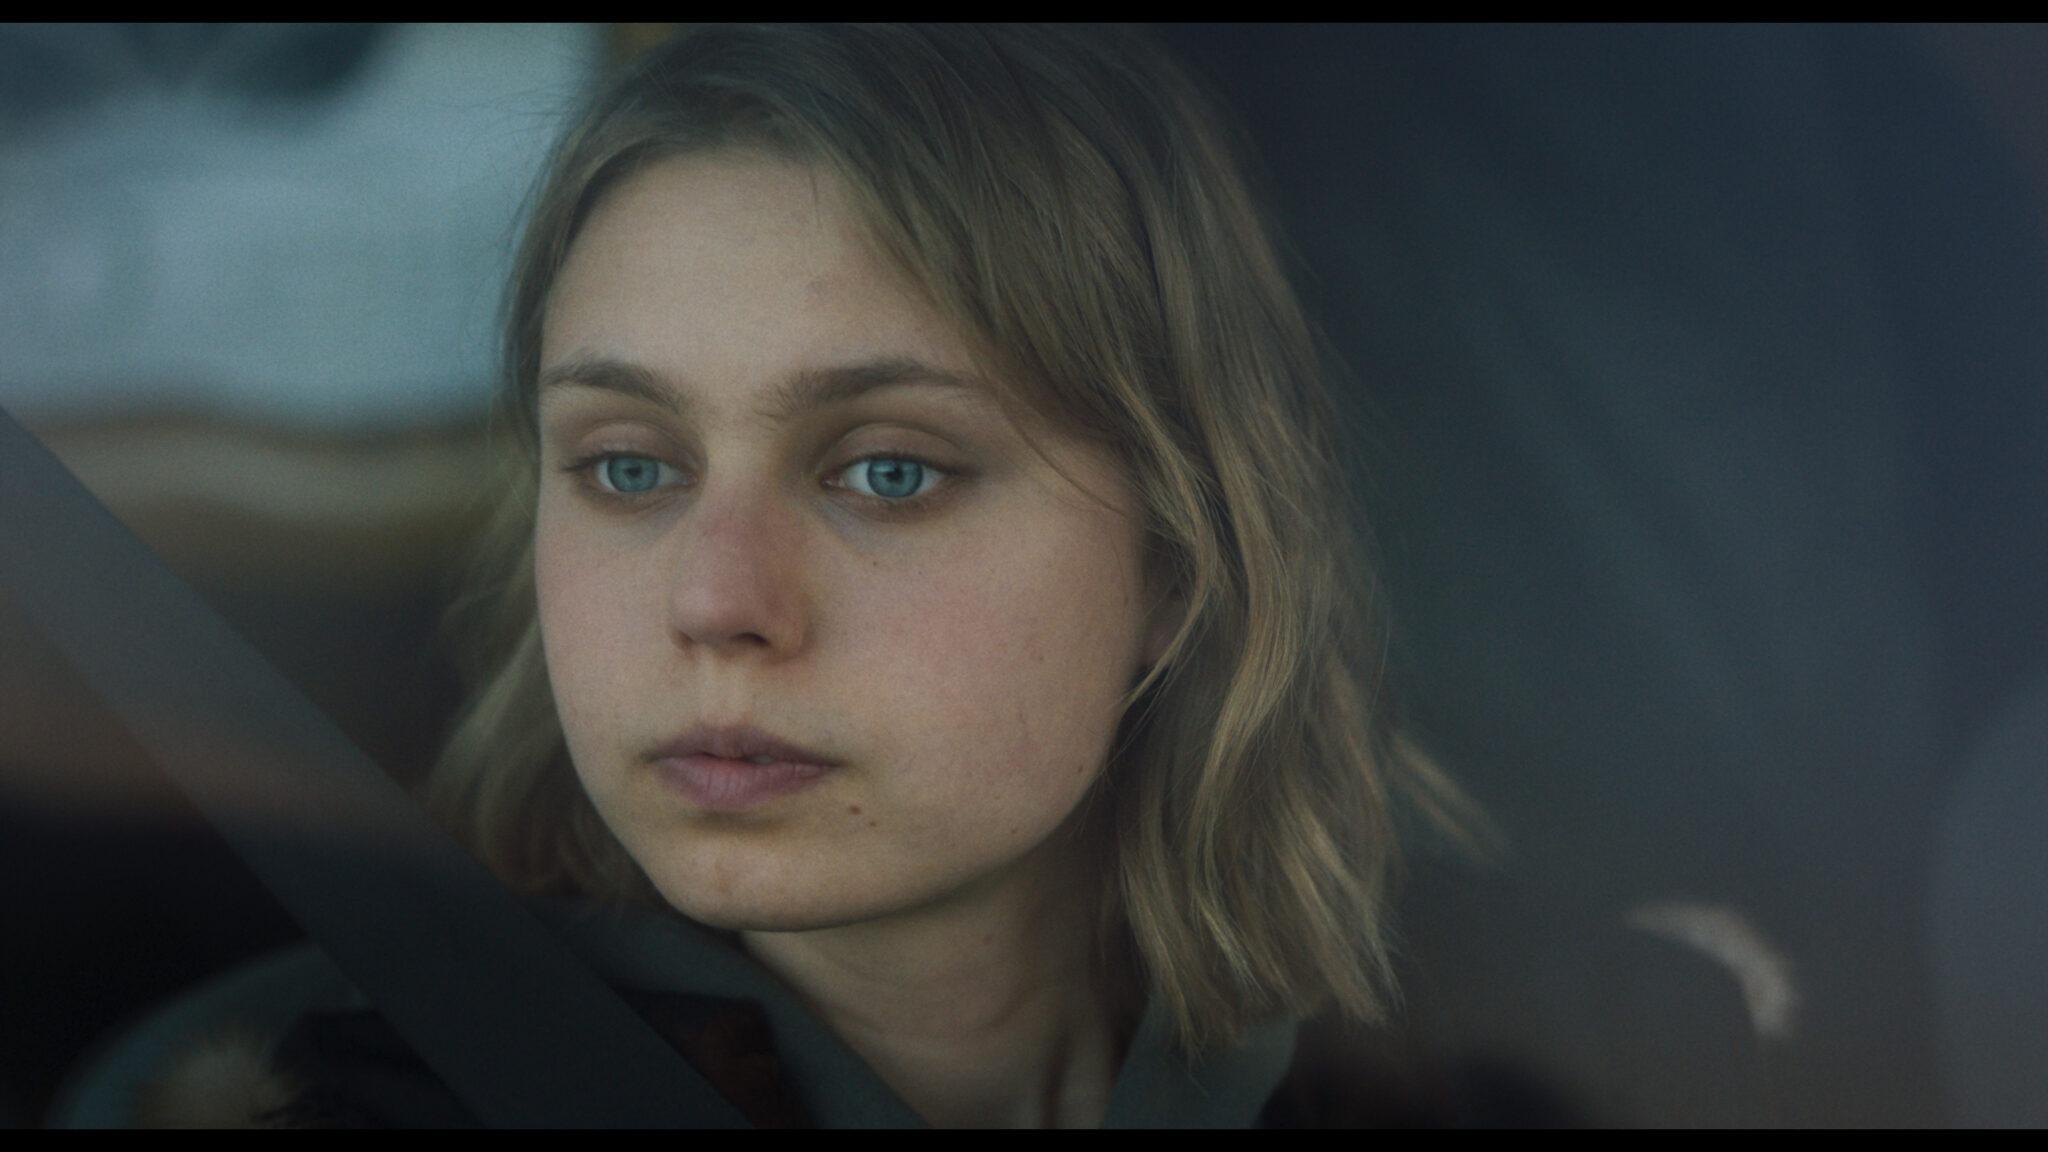 Mon Légionnaire photo film 2021 3